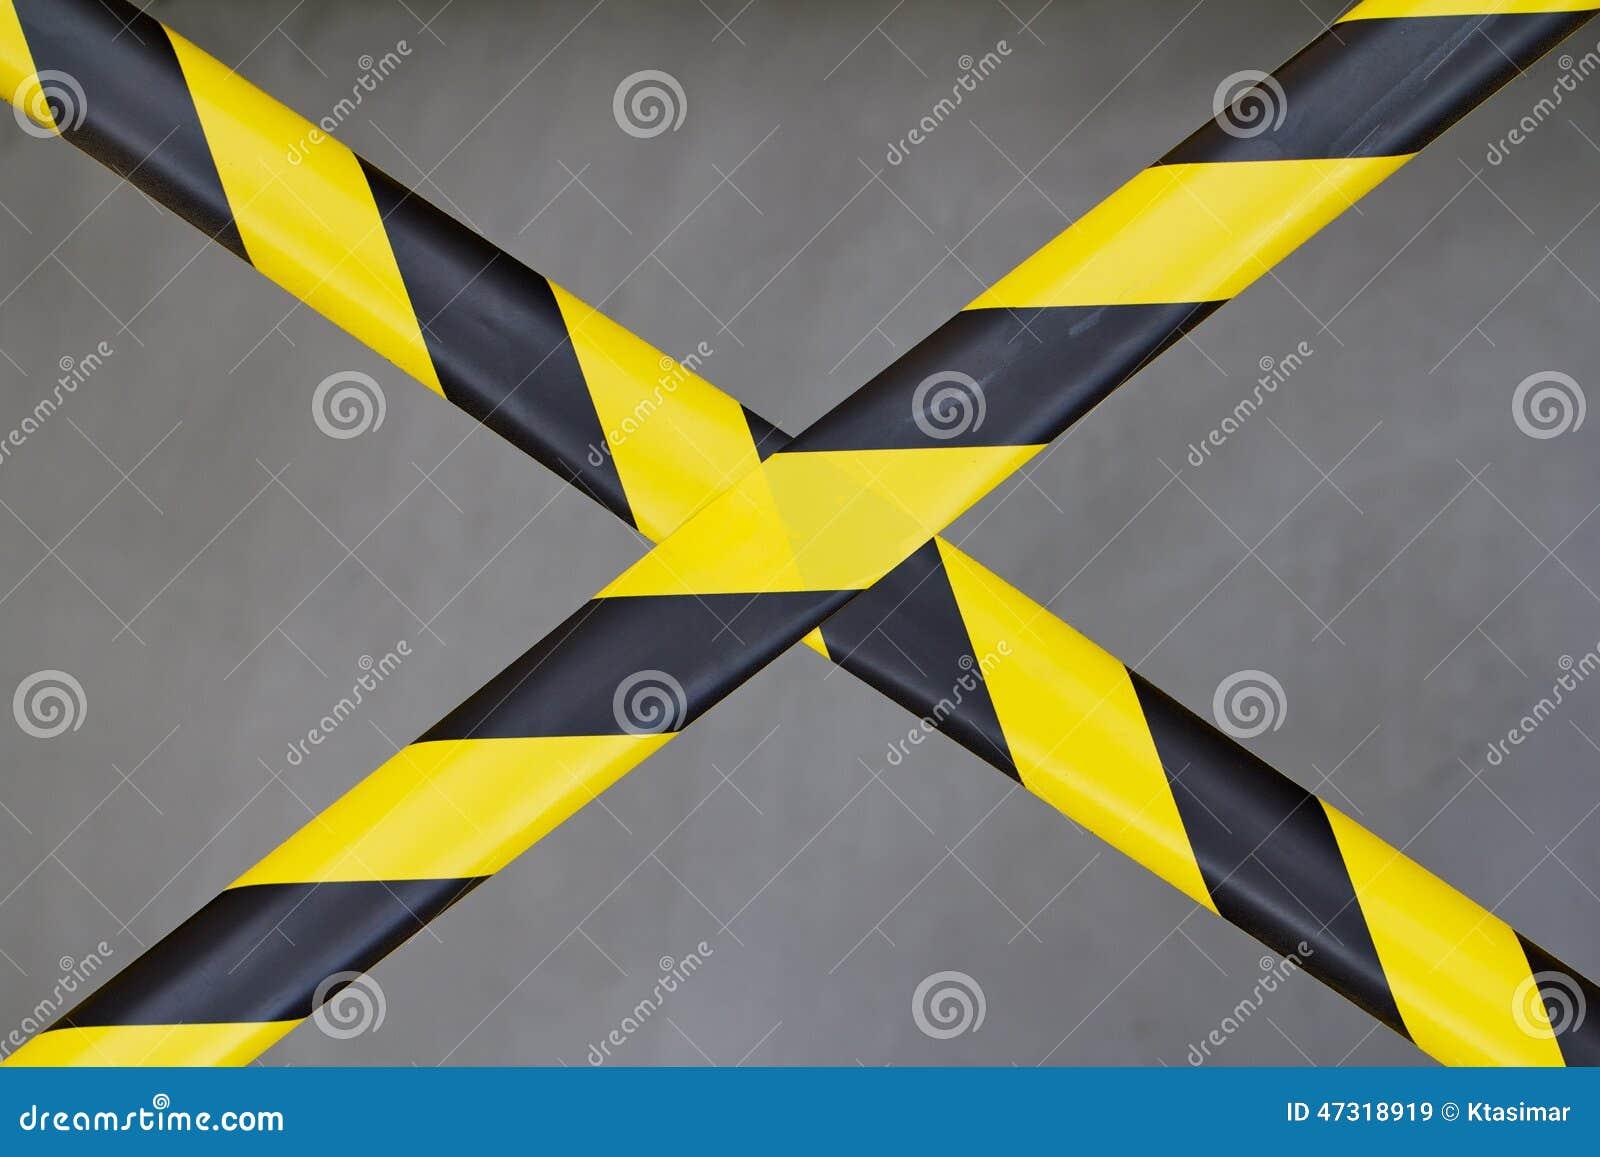 bande noire et jaune de barri re photo stock image 47318919. Black Bedroom Furniture Sets. Home Design Ideas